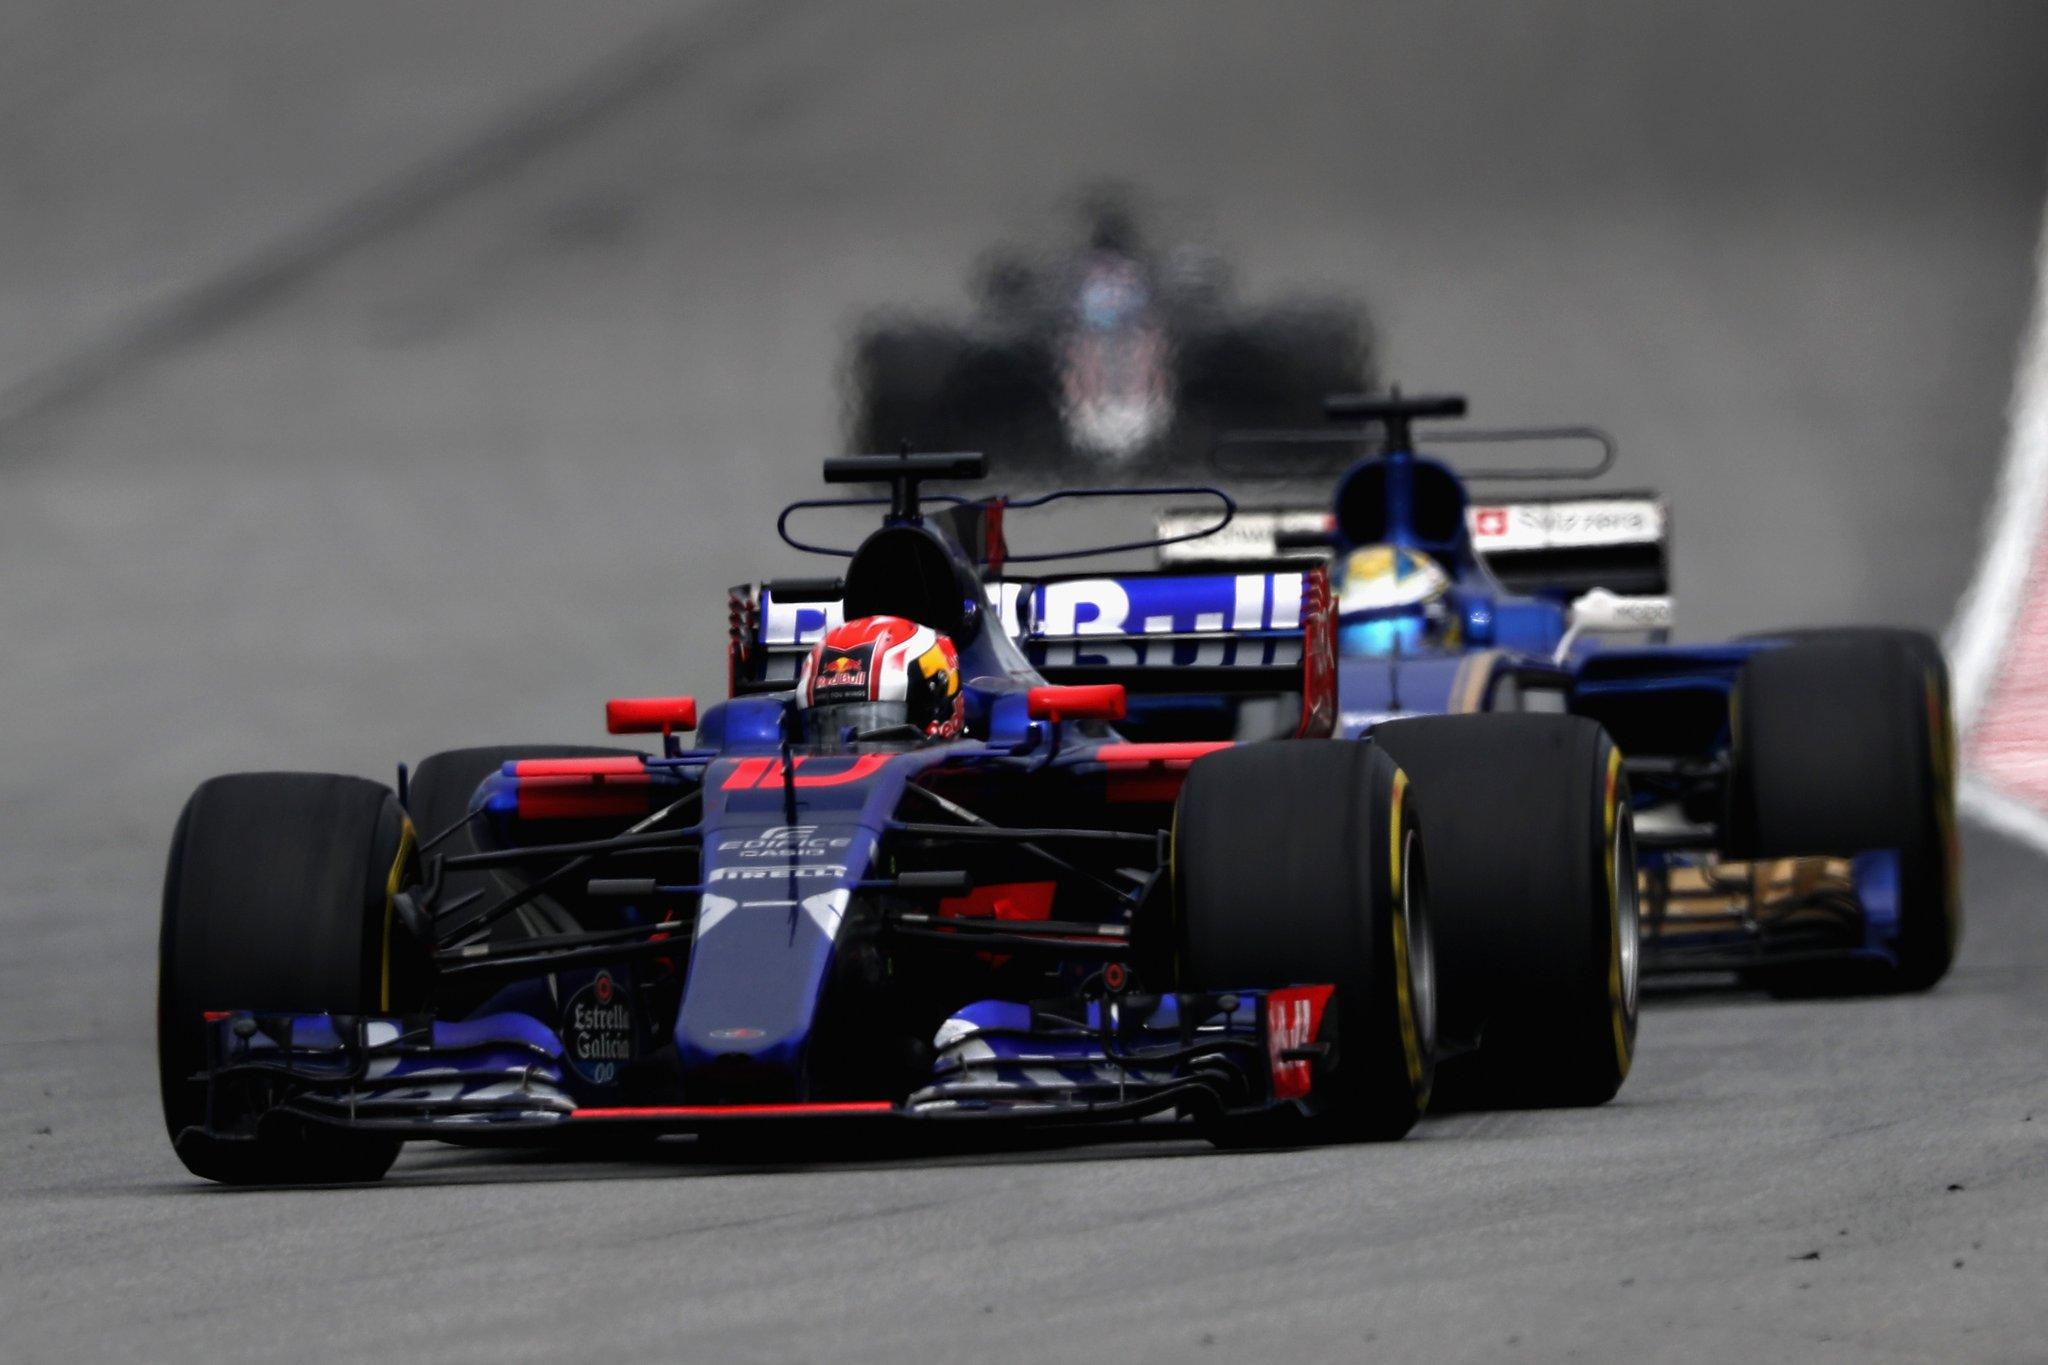 Дебютант Toro Rosso Пьер Гасли сумел довести свой болид до финиша гран-при Малайзии